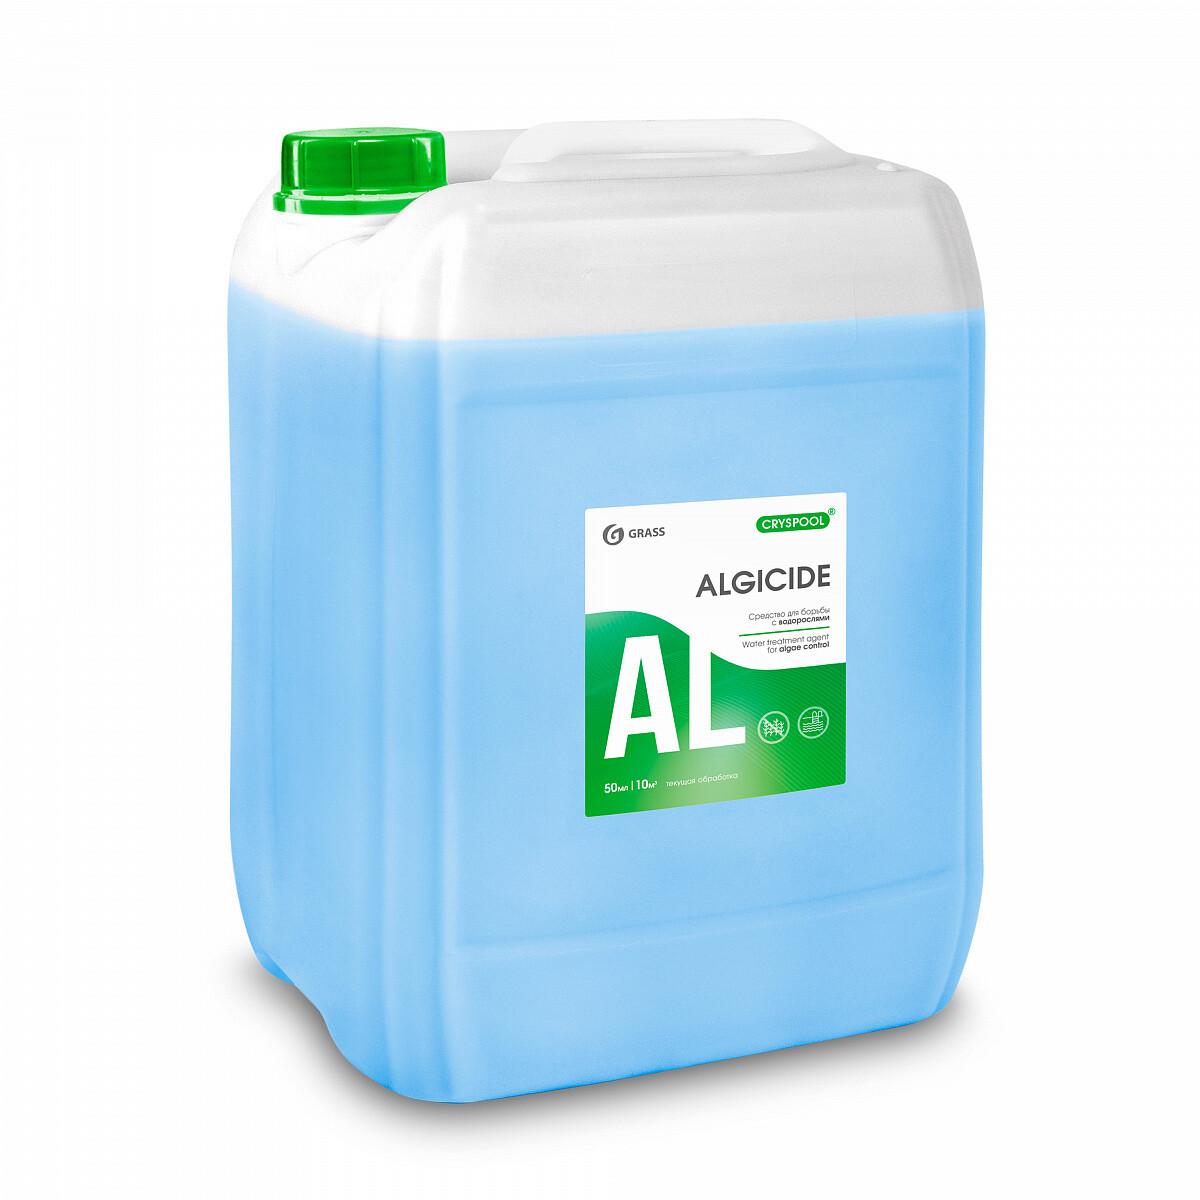 Средство для борьбы с водорослями CRYSPOOL algicide, 30 кг